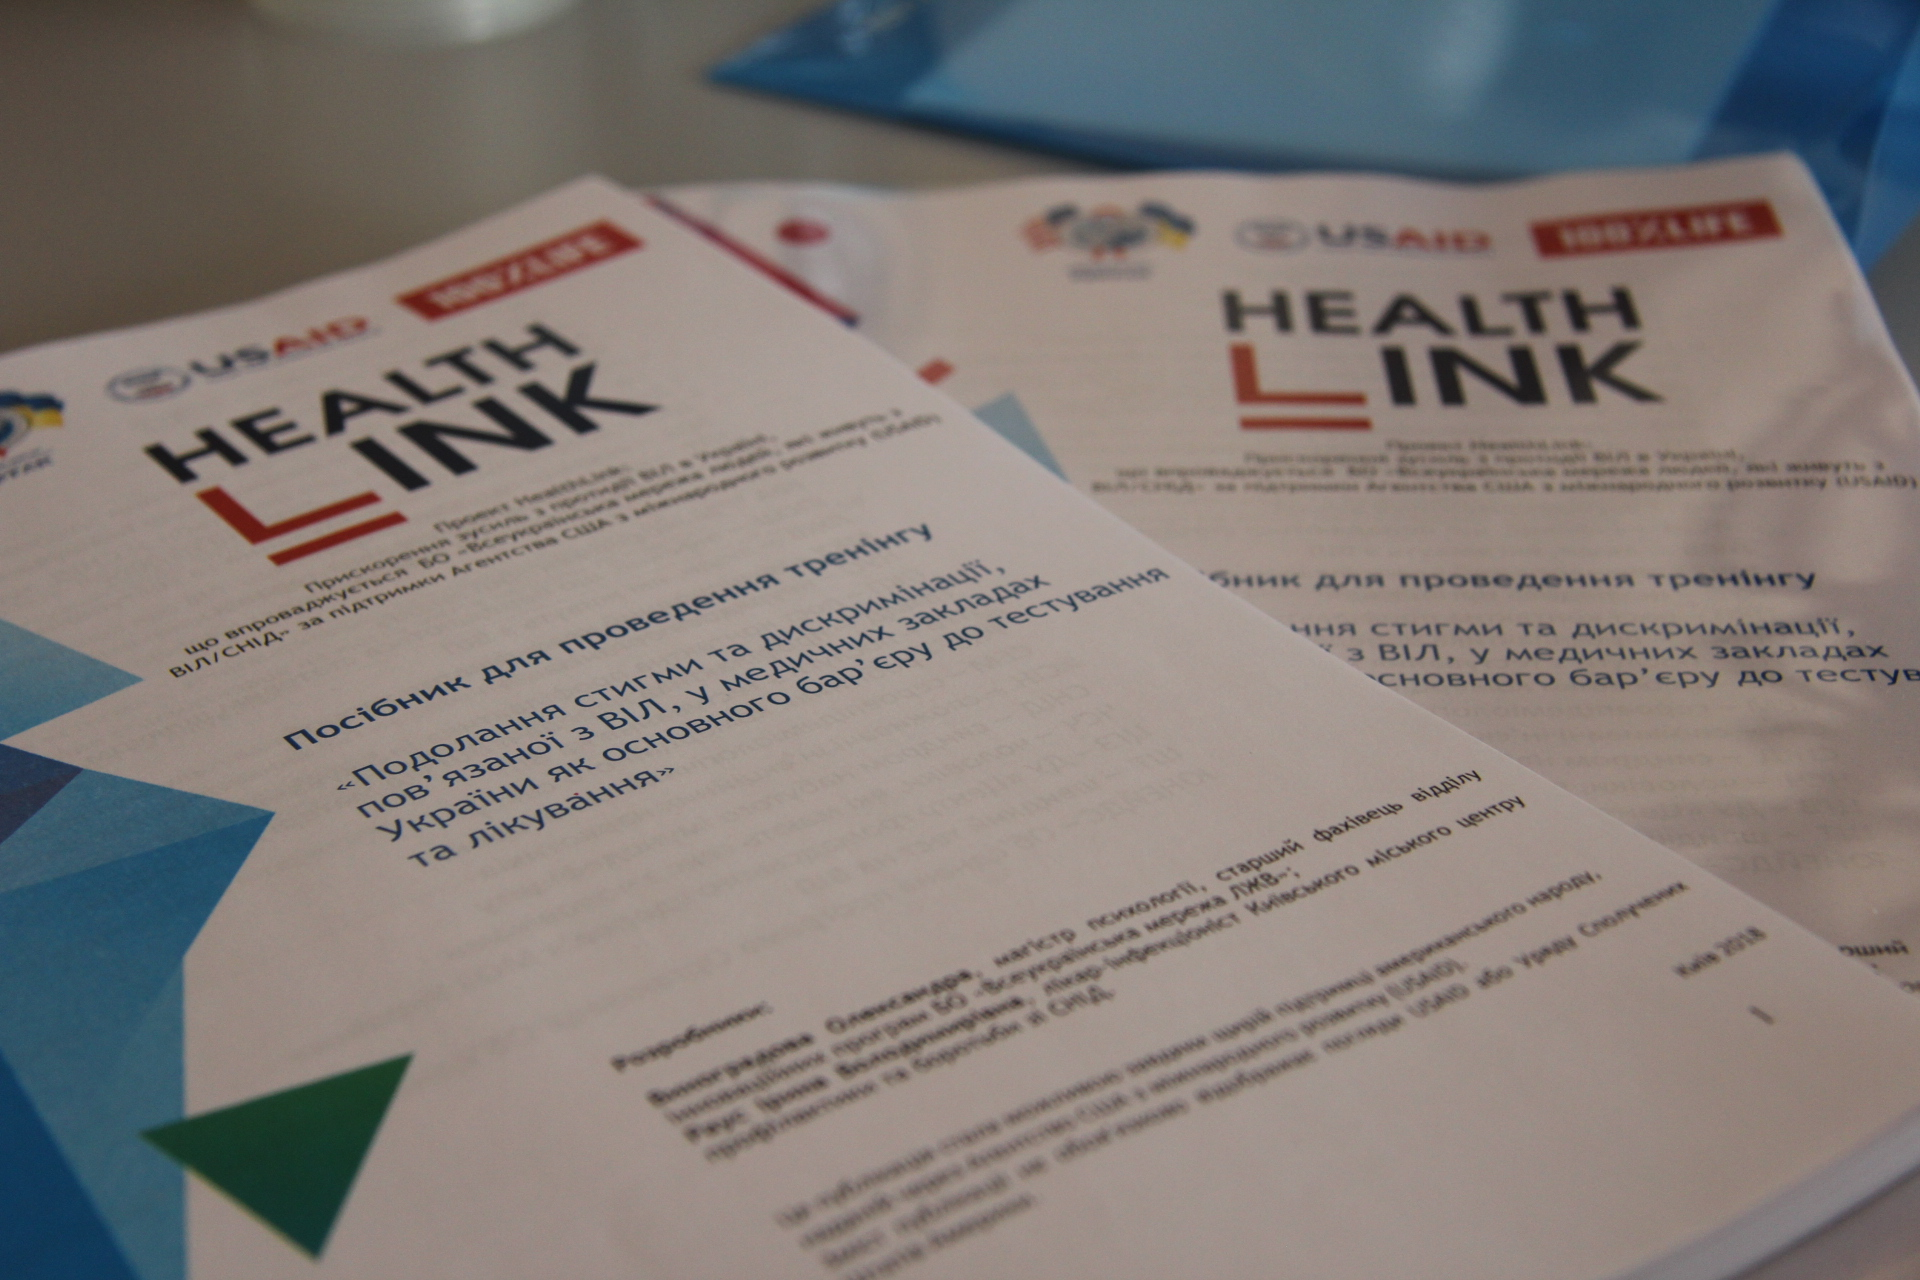 Проект HealhLink готовит врачей-лидеров в регионах